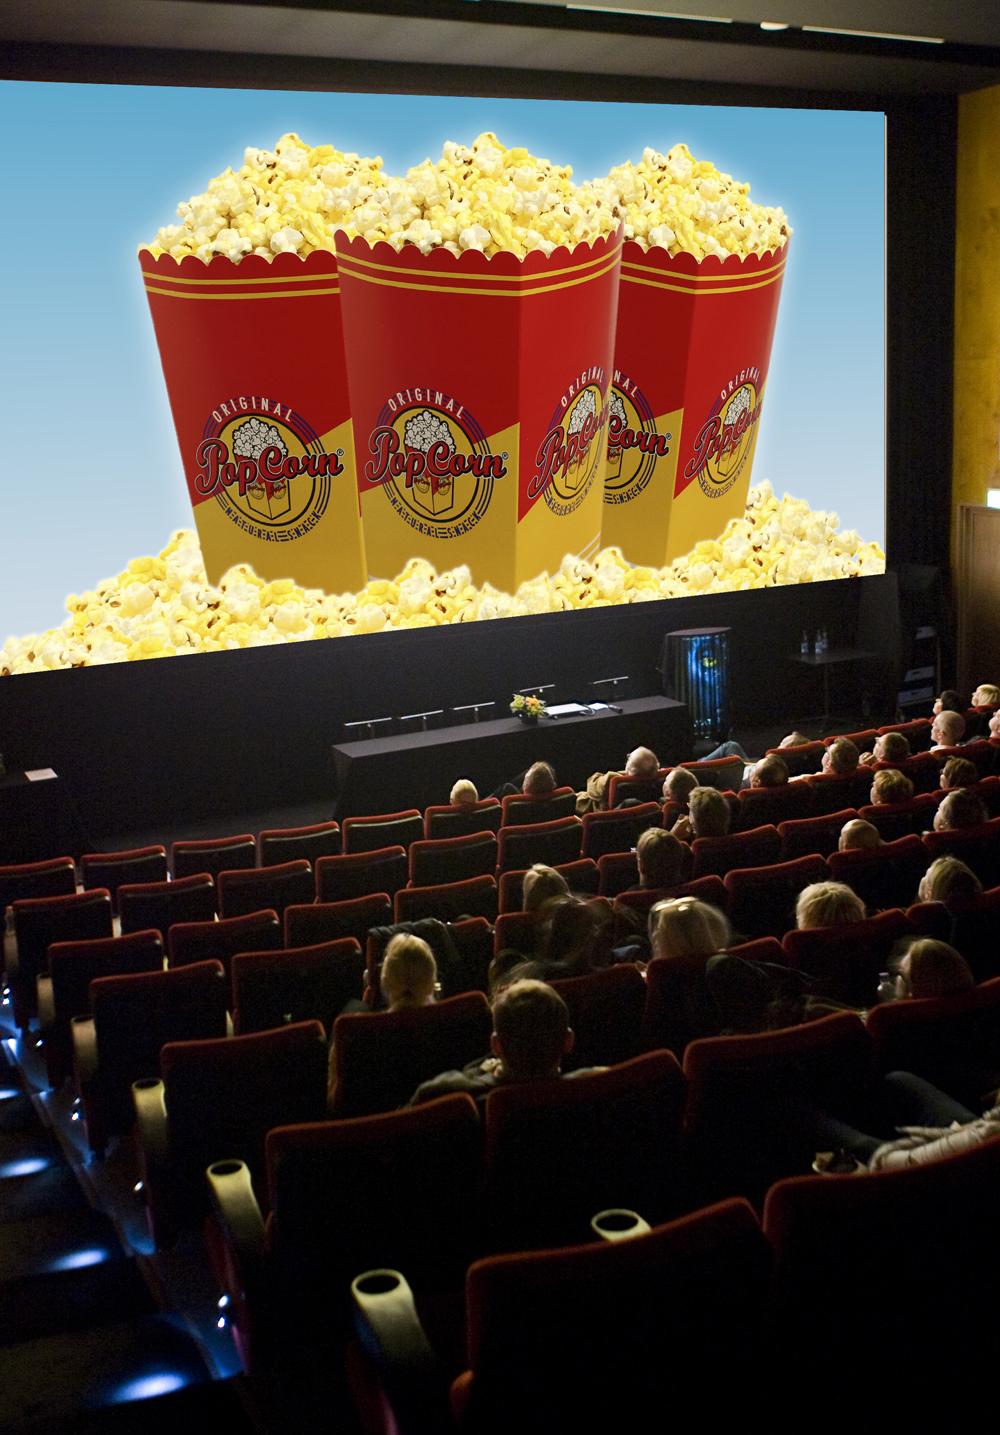 Mainosta elokuvateatterissa - Teatterikeskus Tapio - Savon Kinot Oy